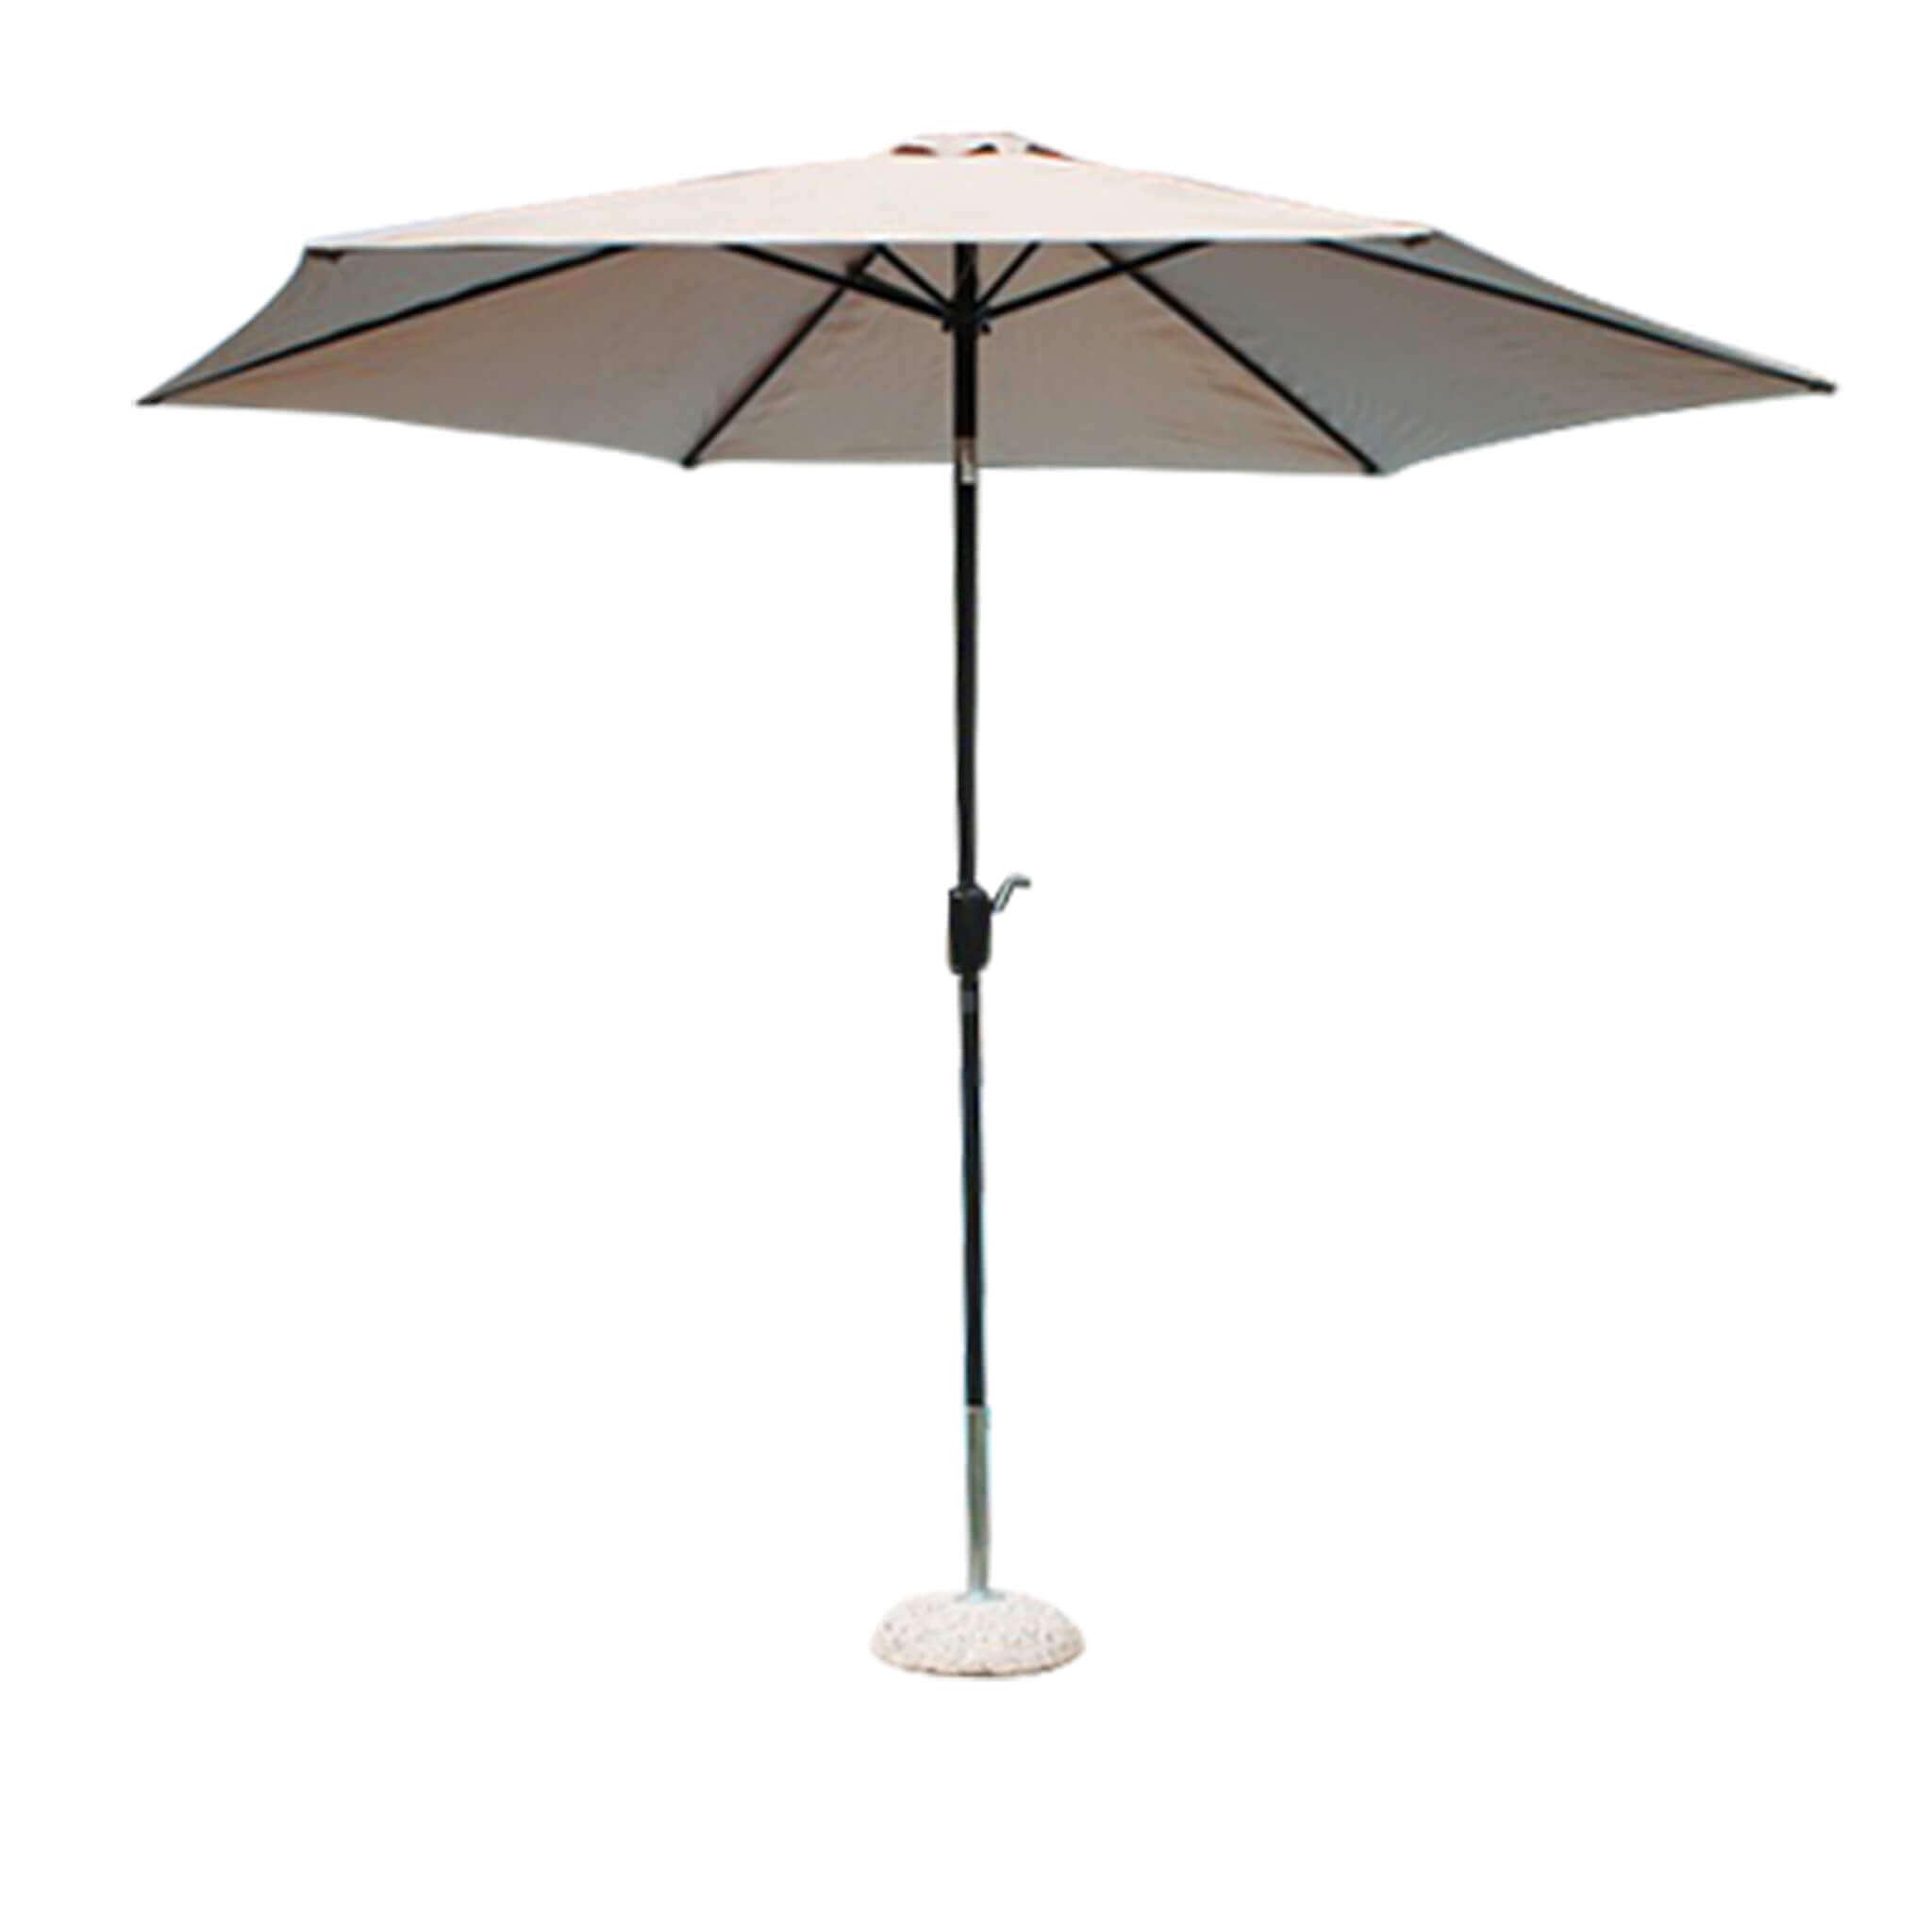 Milani Home MARITUS - ombrellone da giardino ø 3 palo centrale